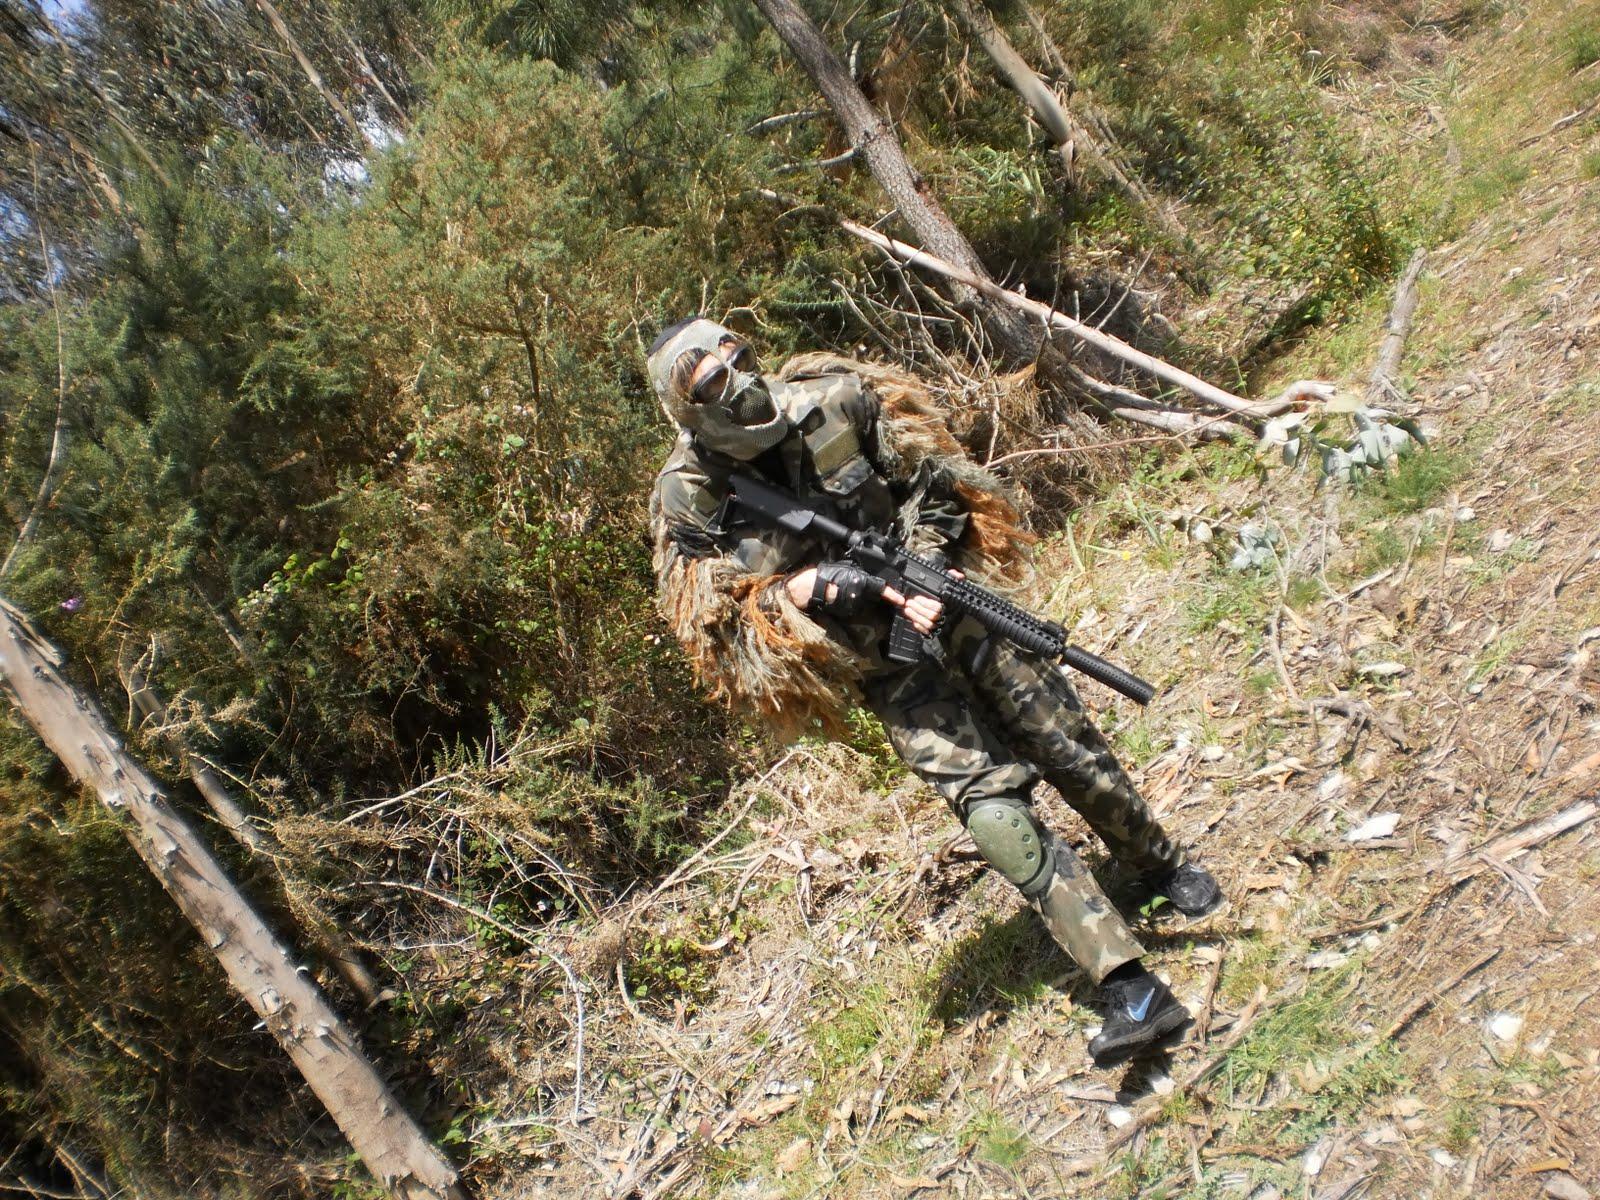 Ya están disponibles las fotos de la Operación Egeo en el álbum Picassa de los GEOT!